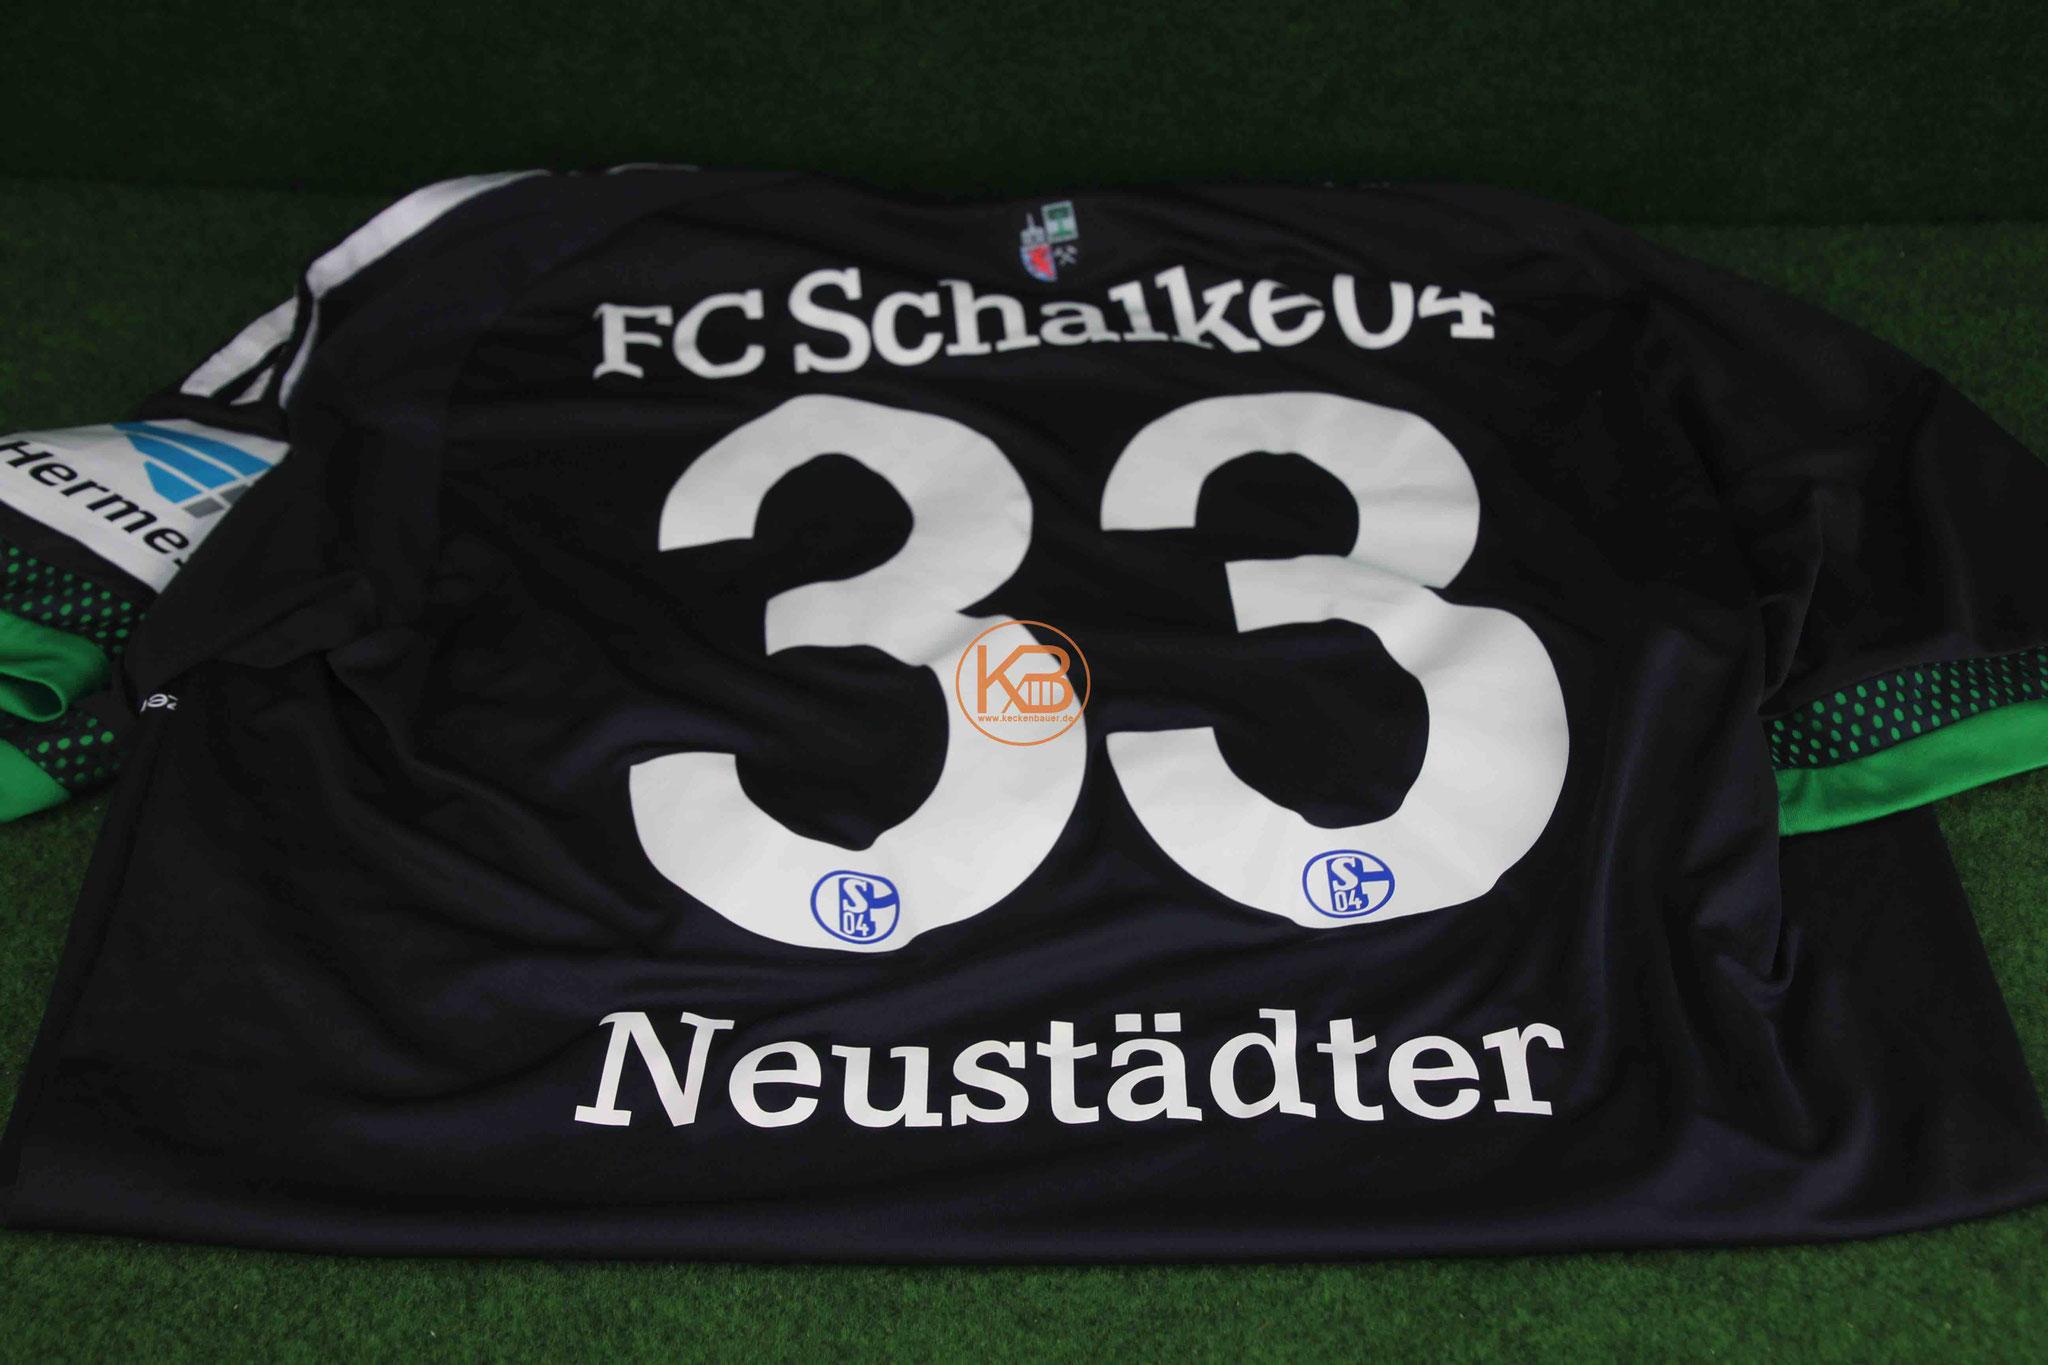 Ein original Matchprepared Bundesliga Trikot von Schalke 04  von Roman Neustädter 2/2